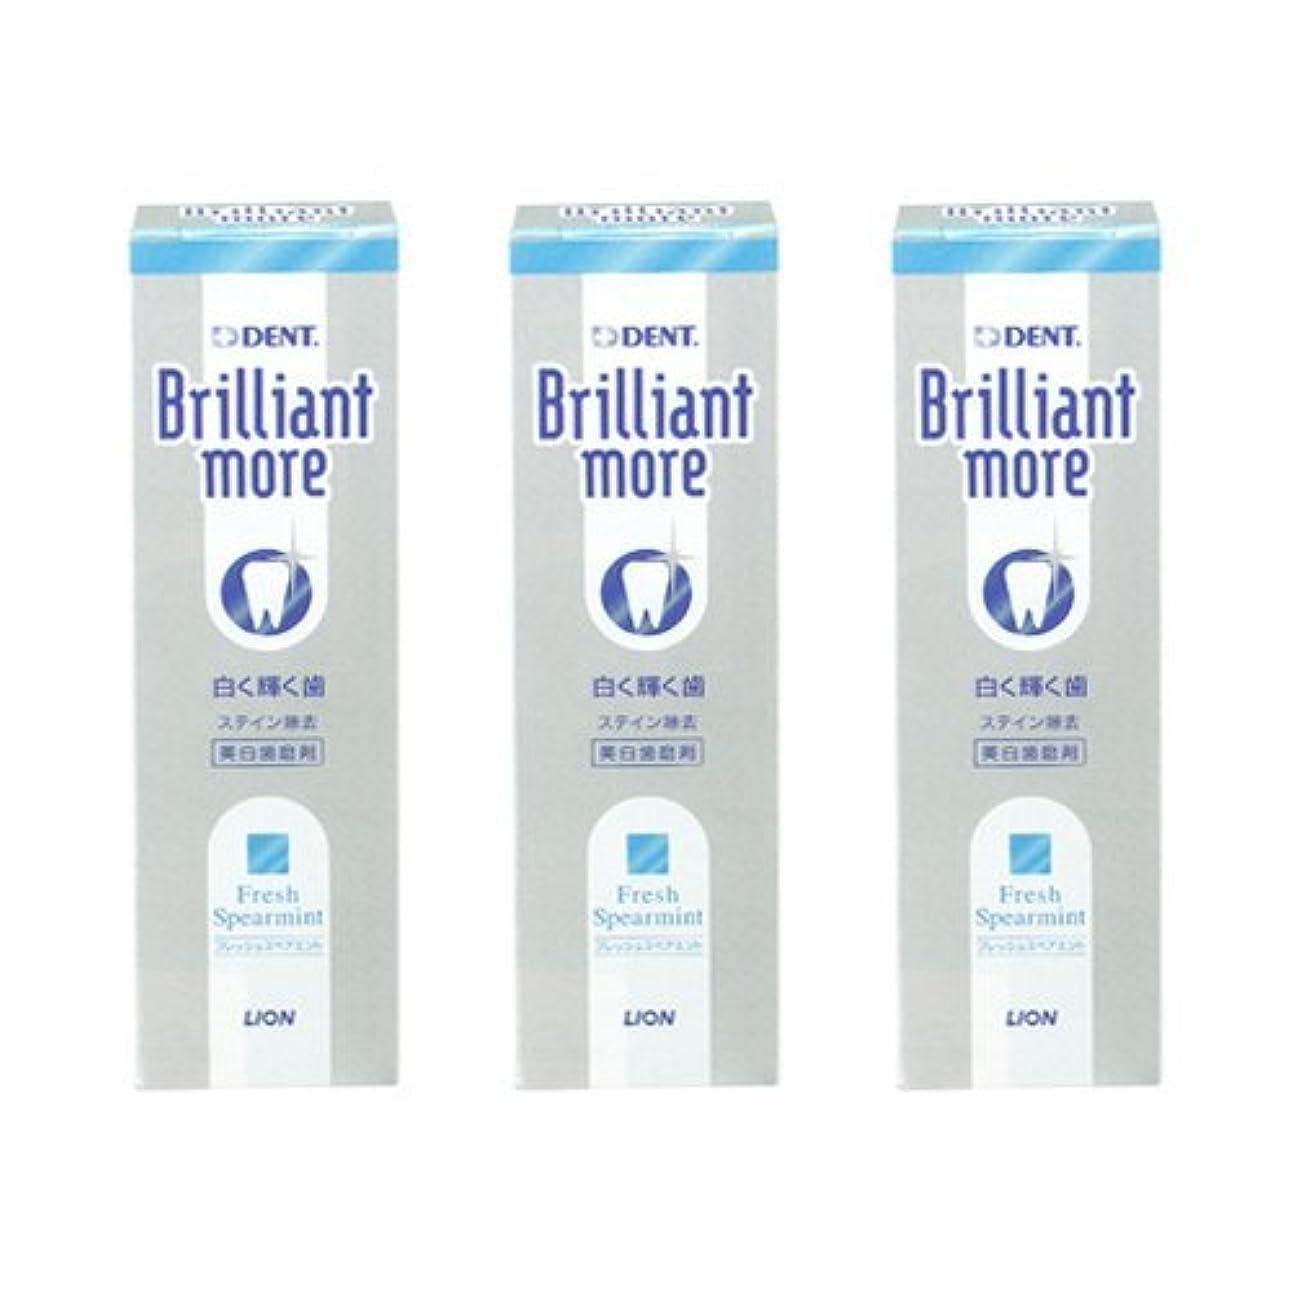 勧めるスノーケルタクトライオン ブリリアントモア フレッシュスペアミント 3本セット 美白歯磨剤 LION Brilliant more